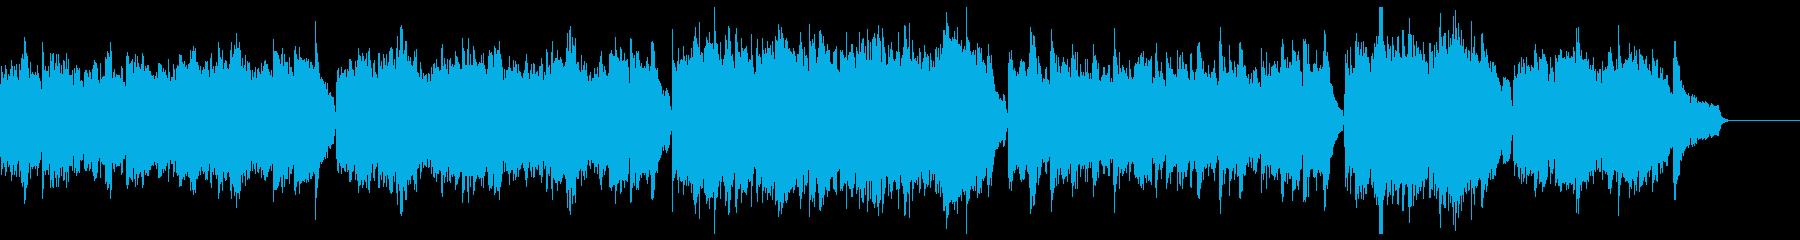 穏やかで暖かいピアノアルペジオ:高音弦無の再生済みの波形